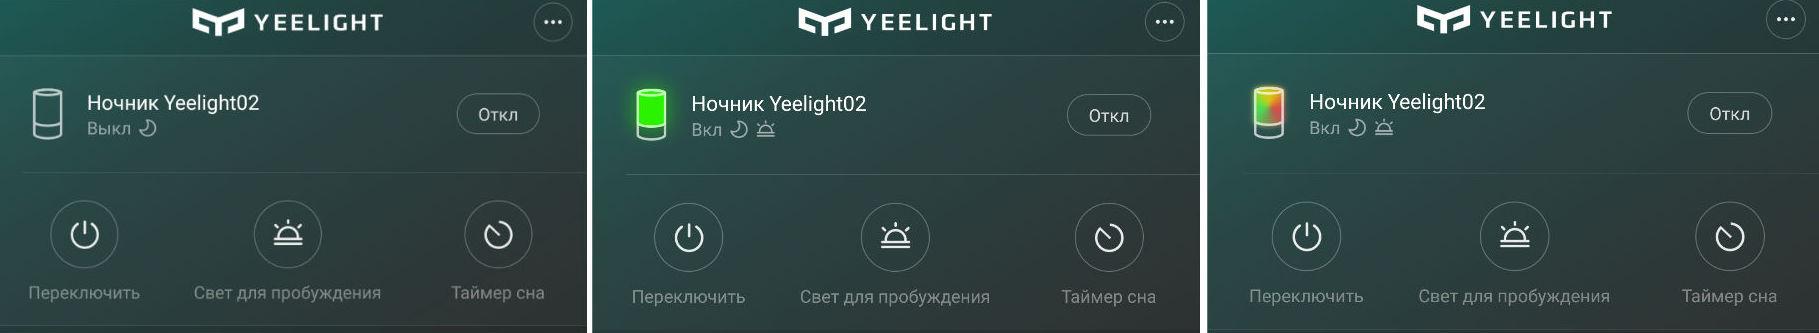 Xiaomi Mi Yeelight Bedside: обзор обзоров прикроватной лампы - 27